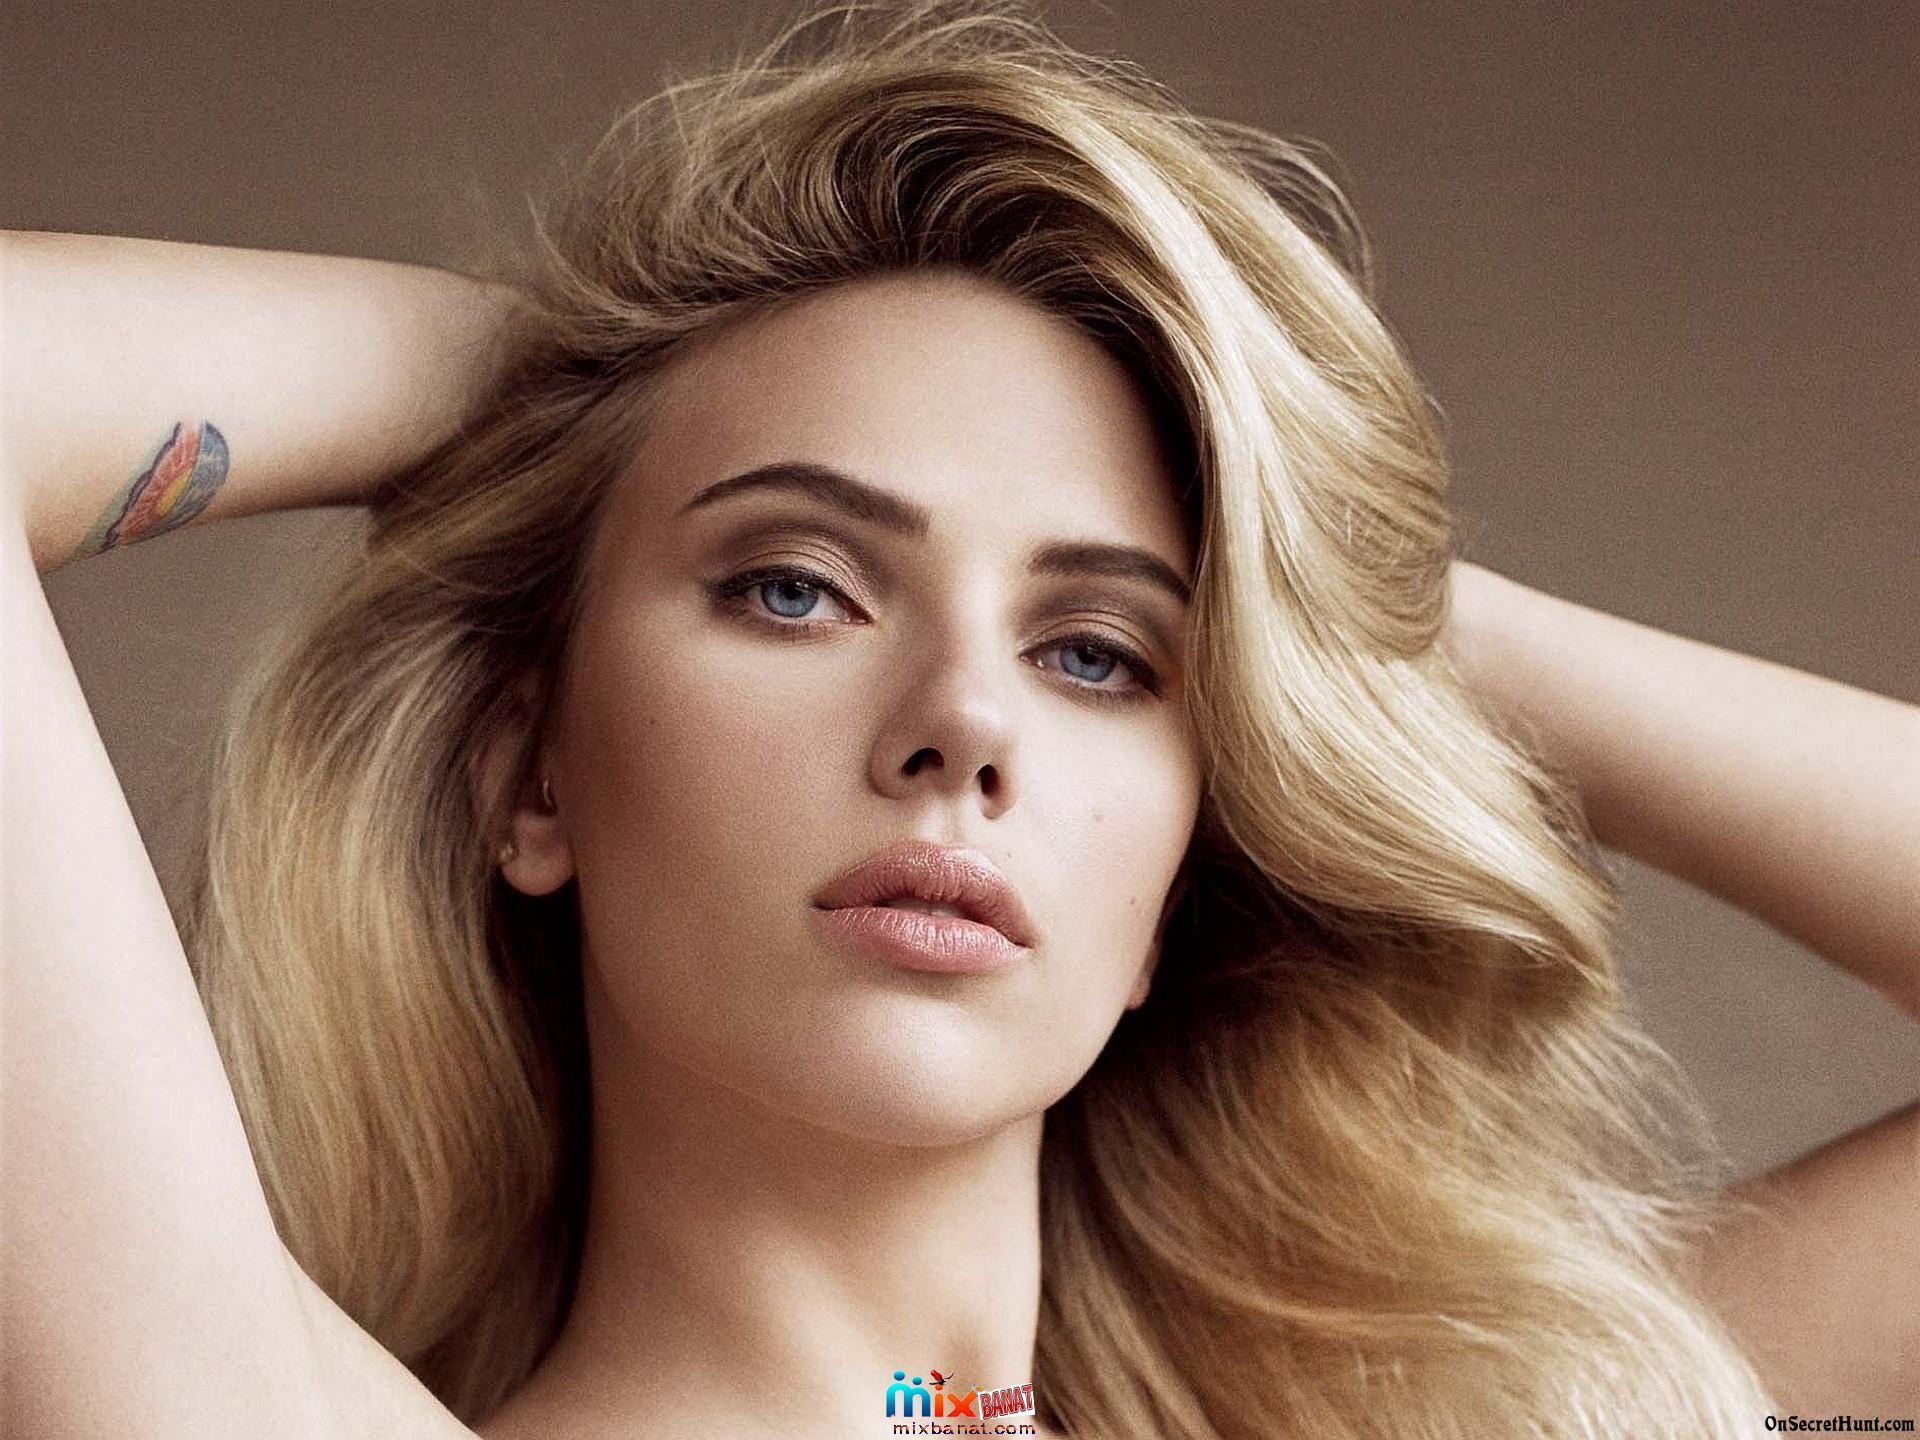 صور بنات اجانب 2021 اجمل البنات الاجنبية صور مميزه Scarlett Johansson Beautiful Actresses Beautiful Celebrities